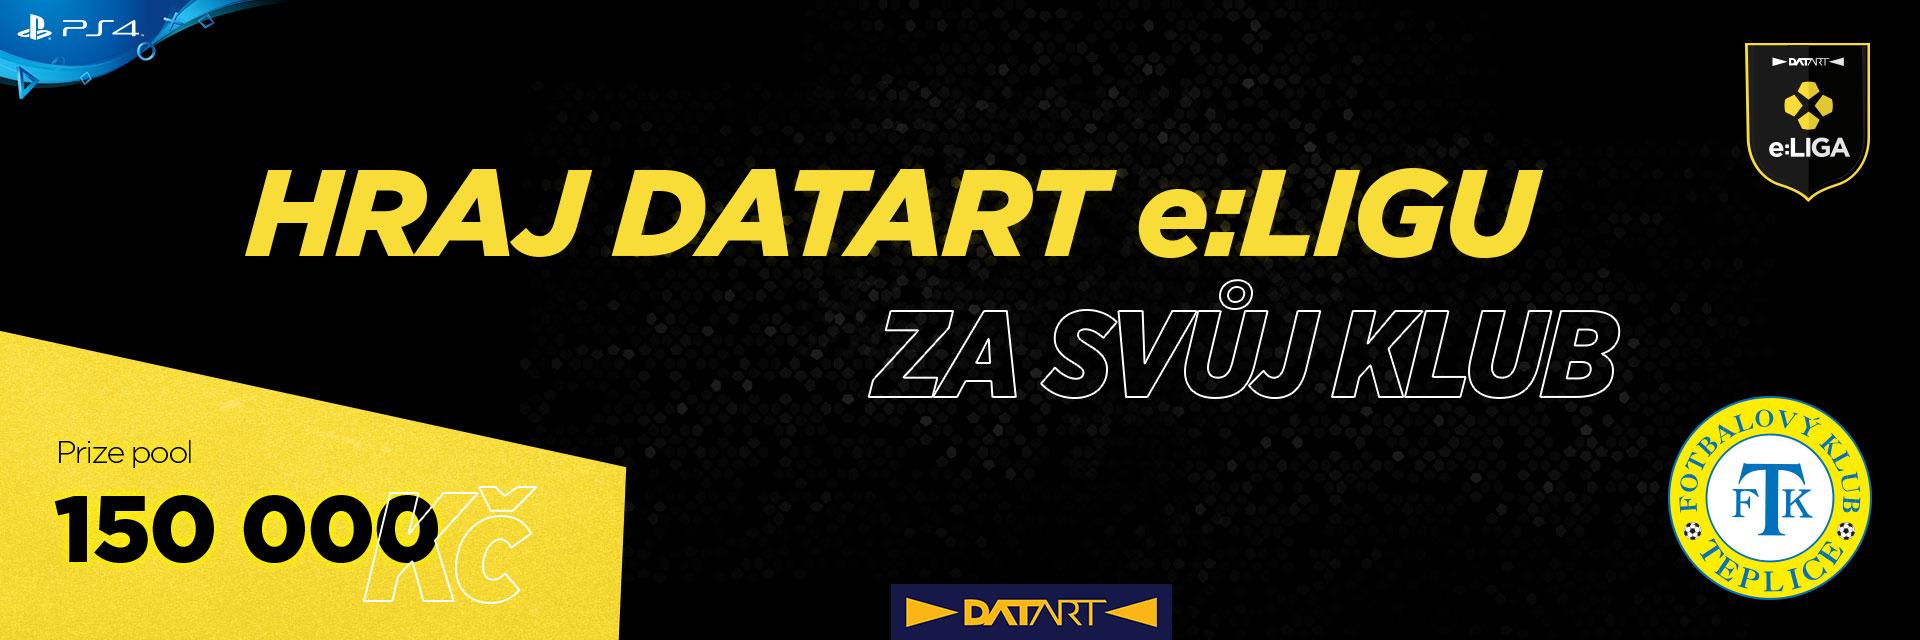 datart-e-liga-semifinale-fk-teplice